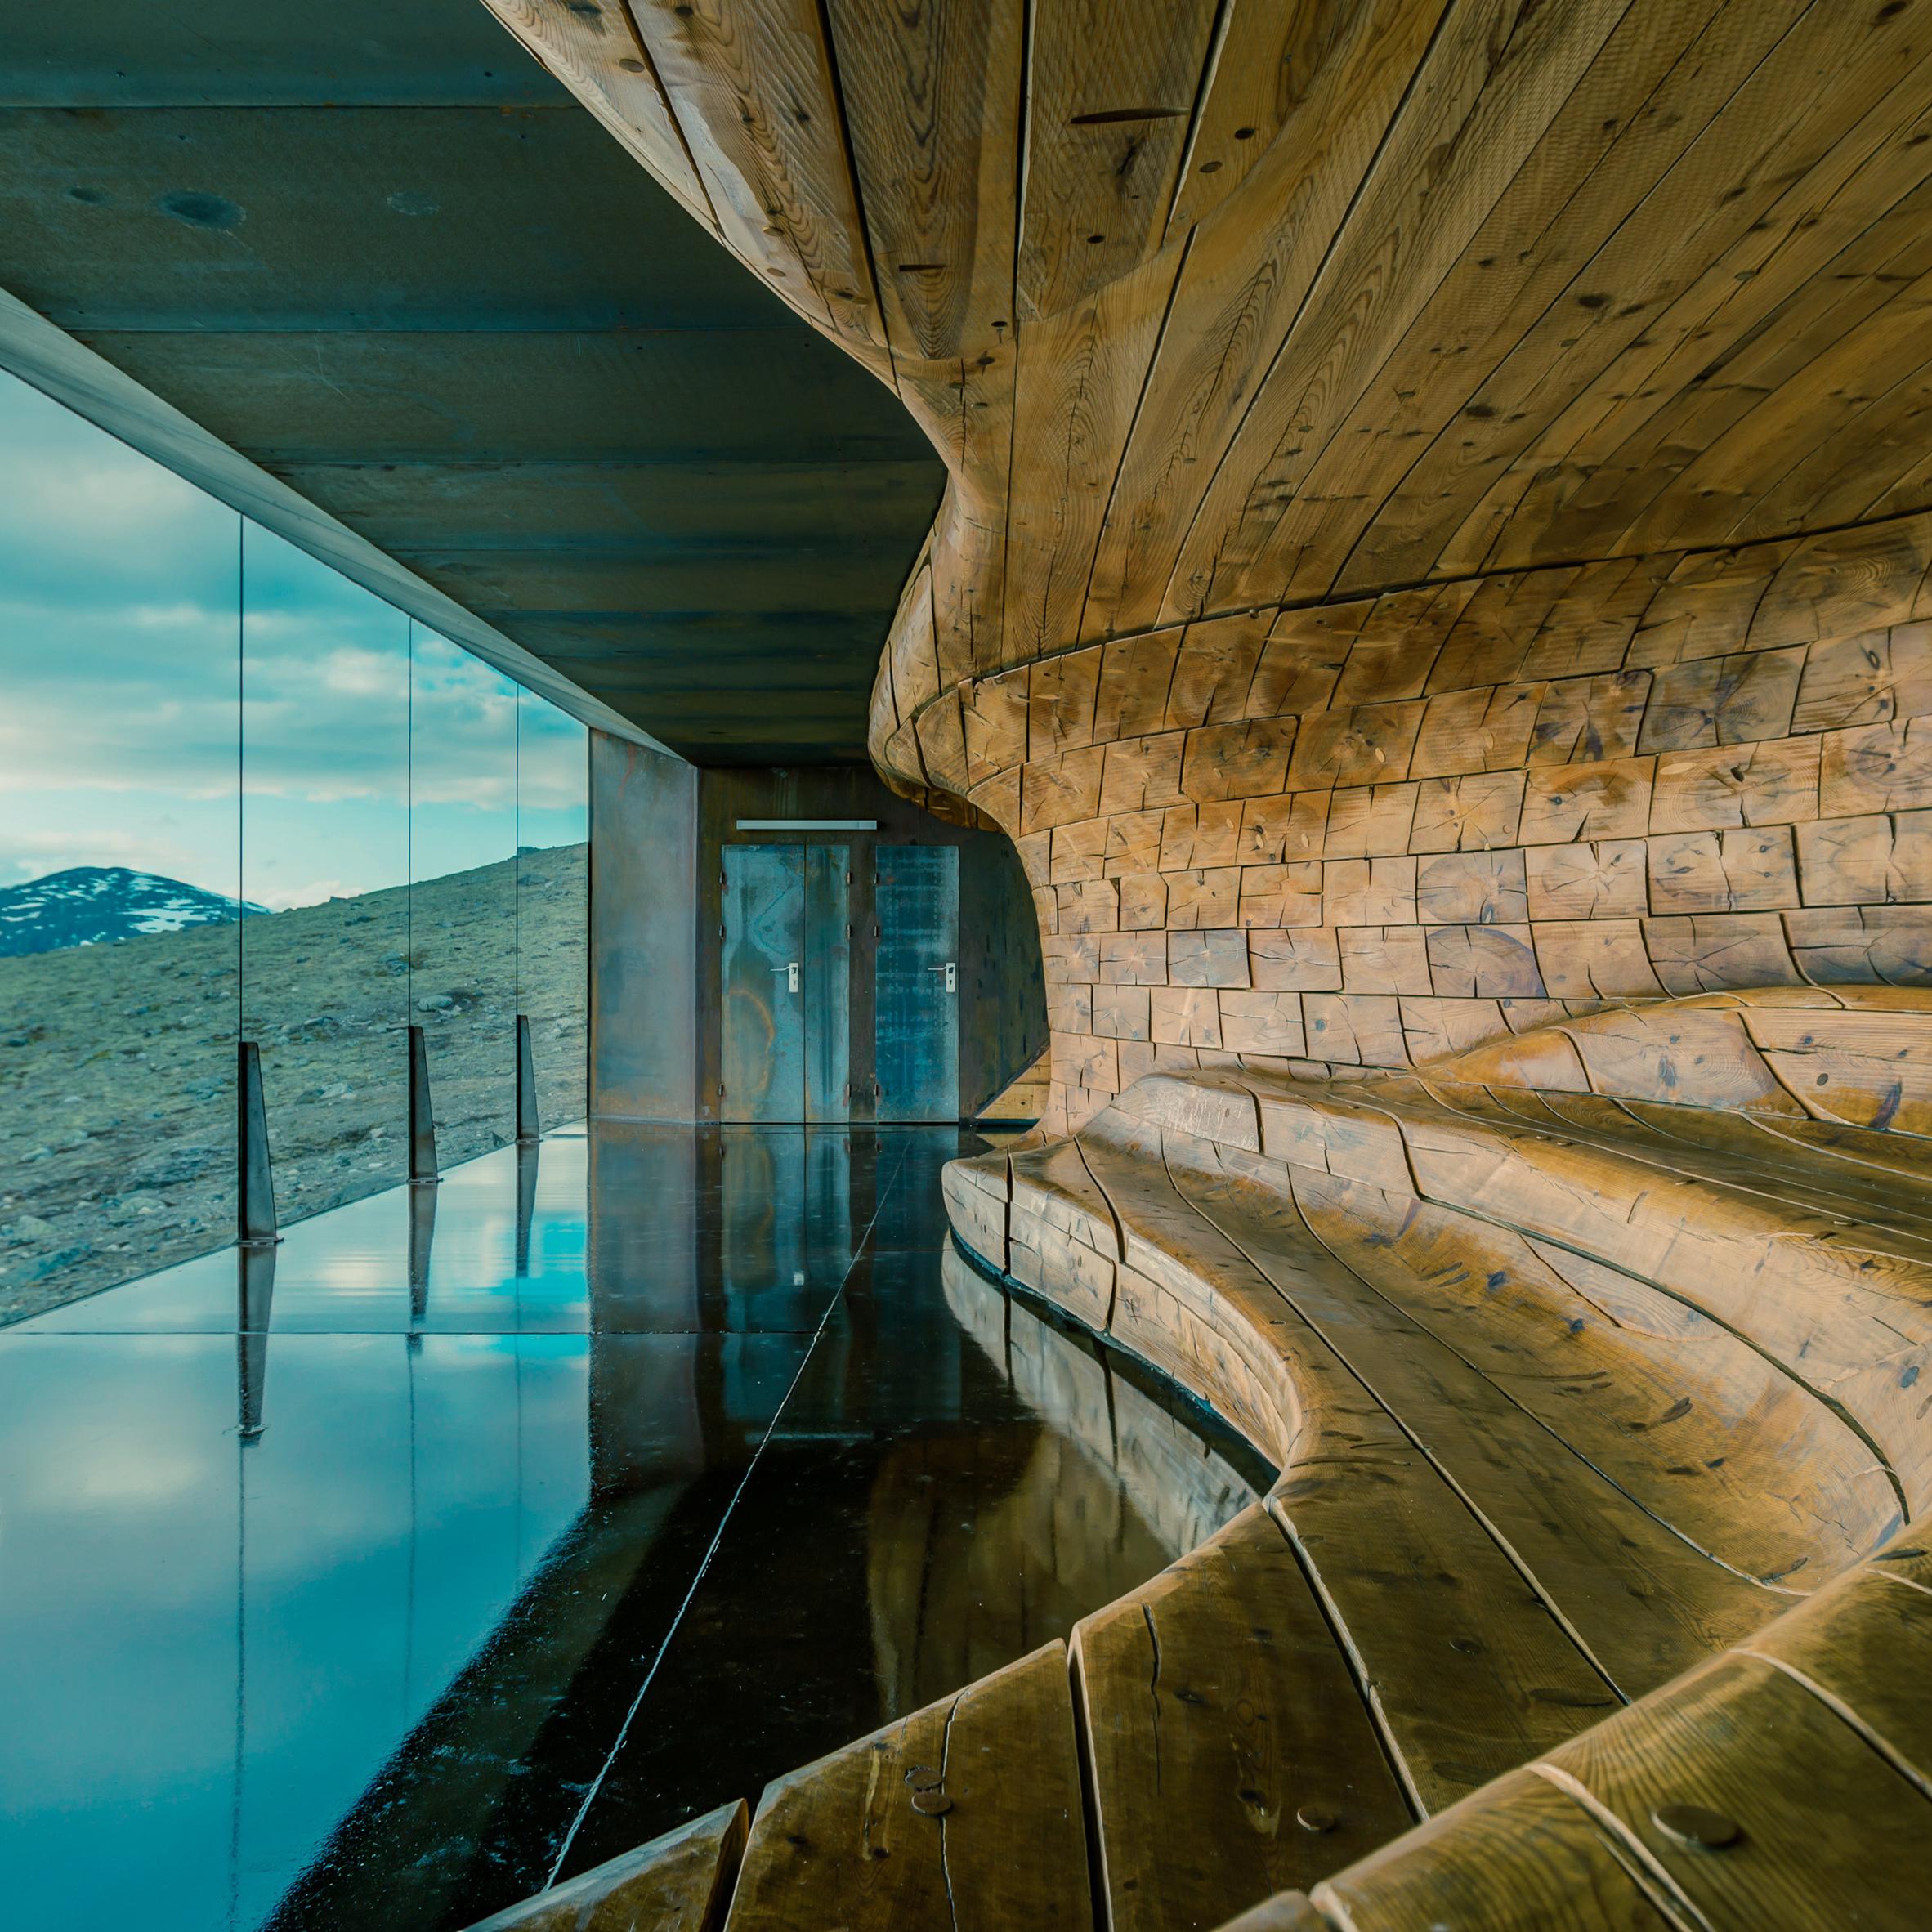 Reindeer Observation Pavilion by Snohetta movie